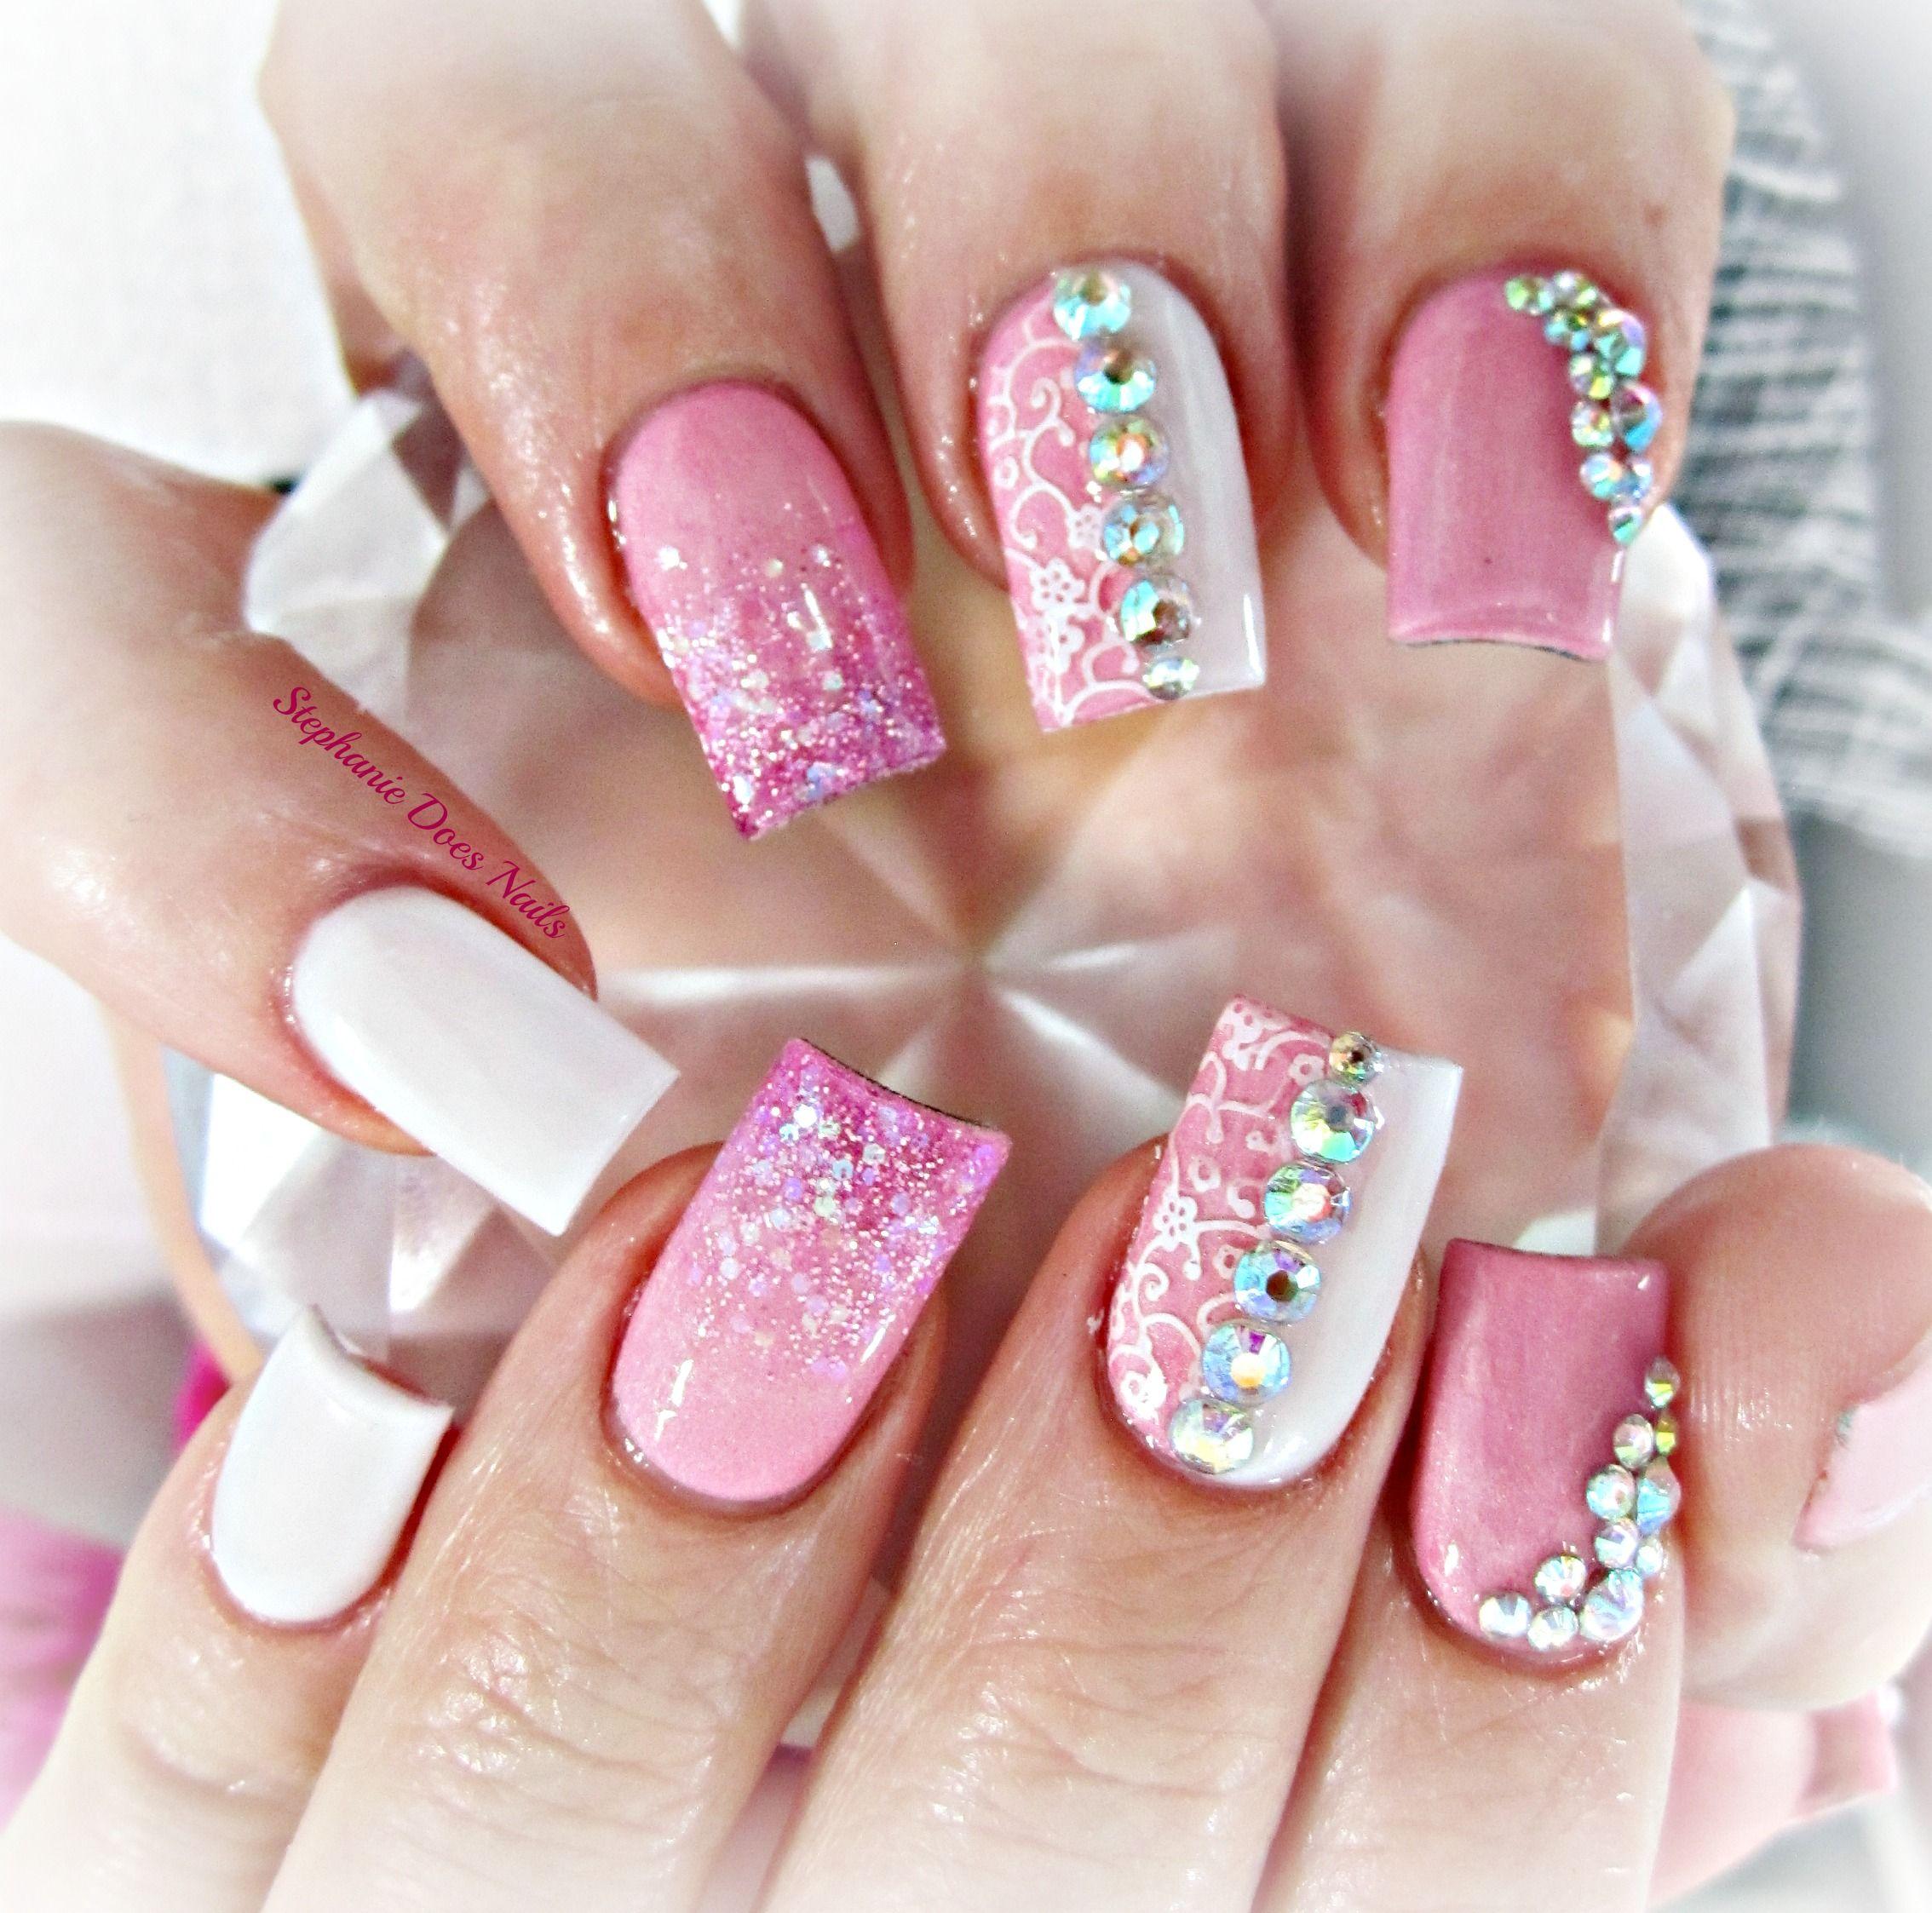 Girly Nail Art: Acrylic Nails, Nail